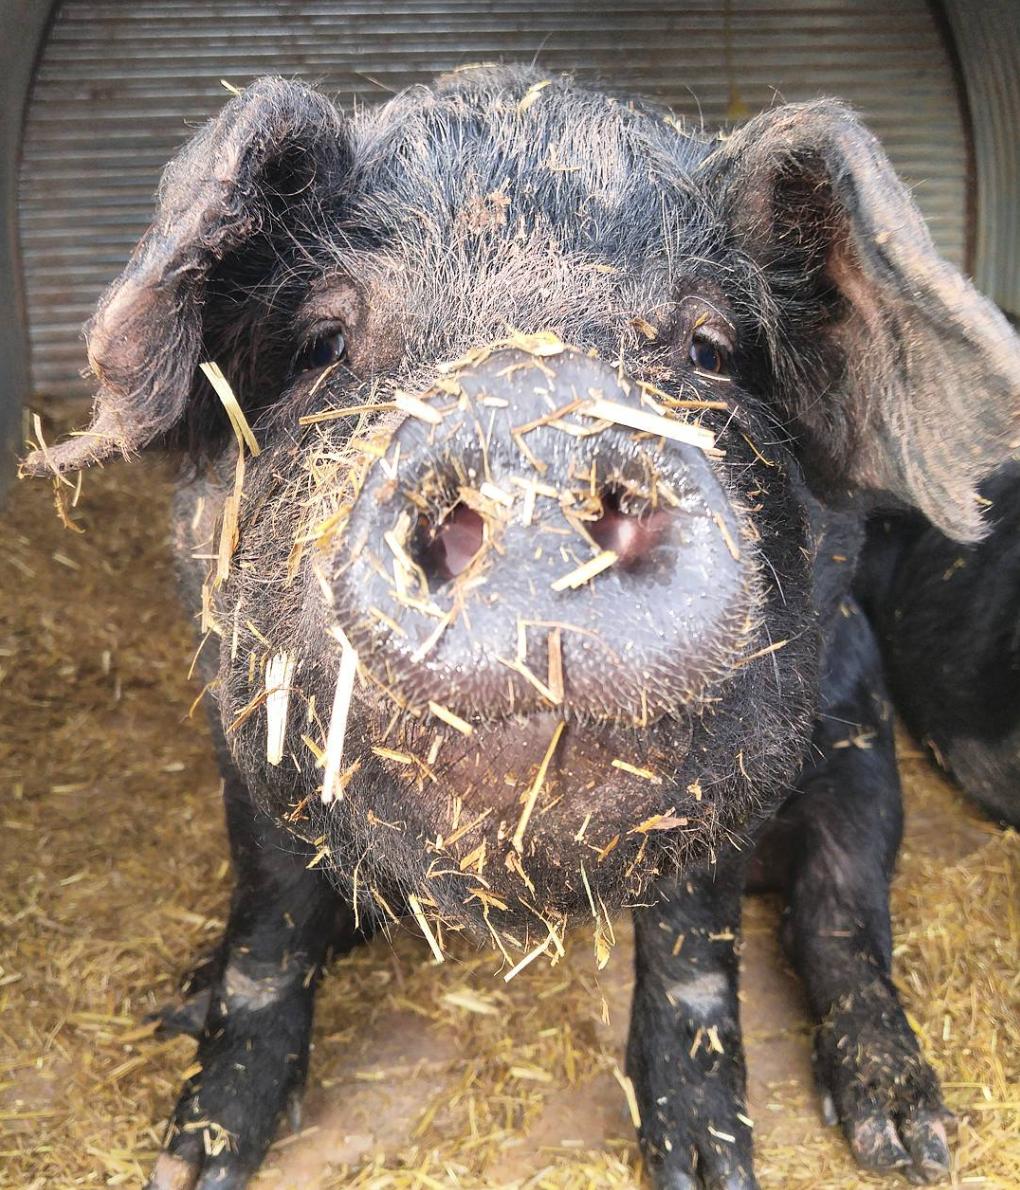 Mangalitsa with straw on nose